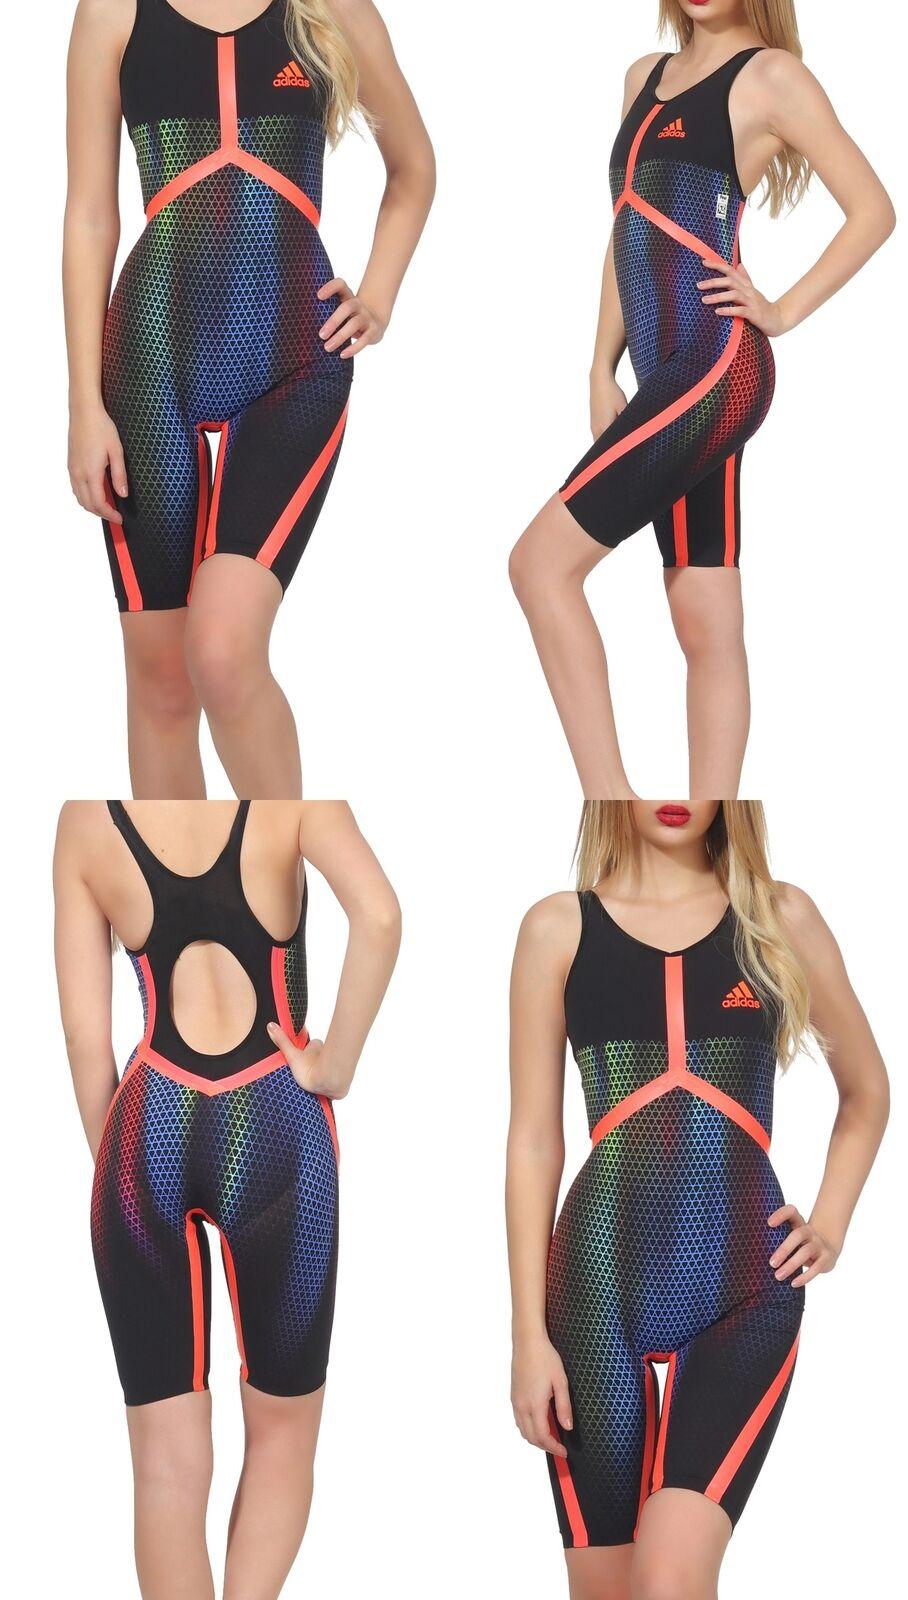 Adidas Adizero Mujer Adizxvi Brobw Traje de Baño Fina Competición Ad220360